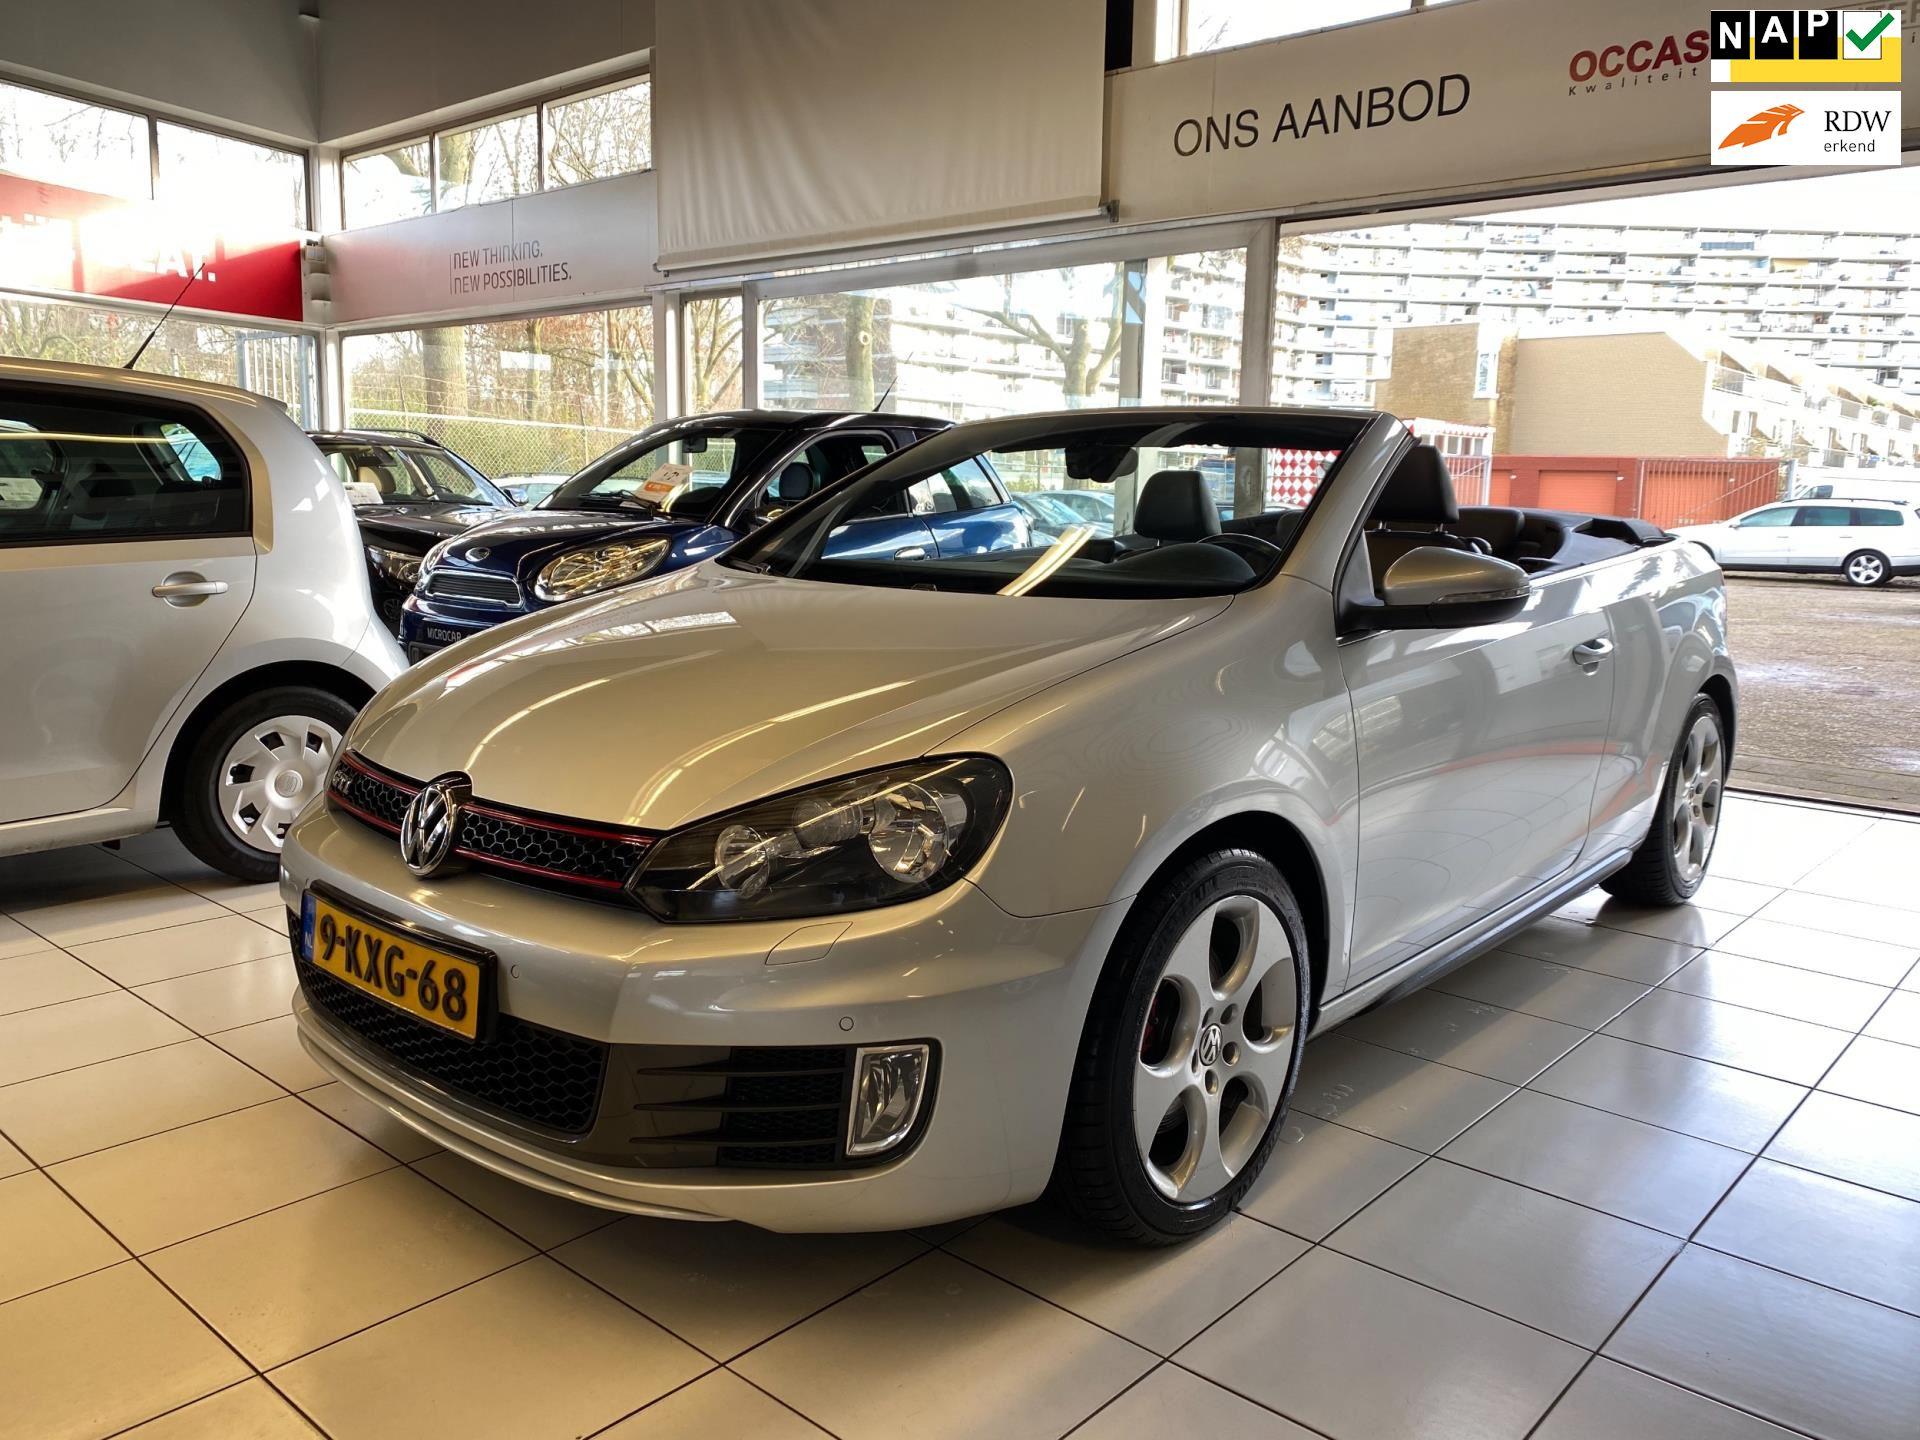 Volkswagen Golf Cabriolet occasion - Senna Cars